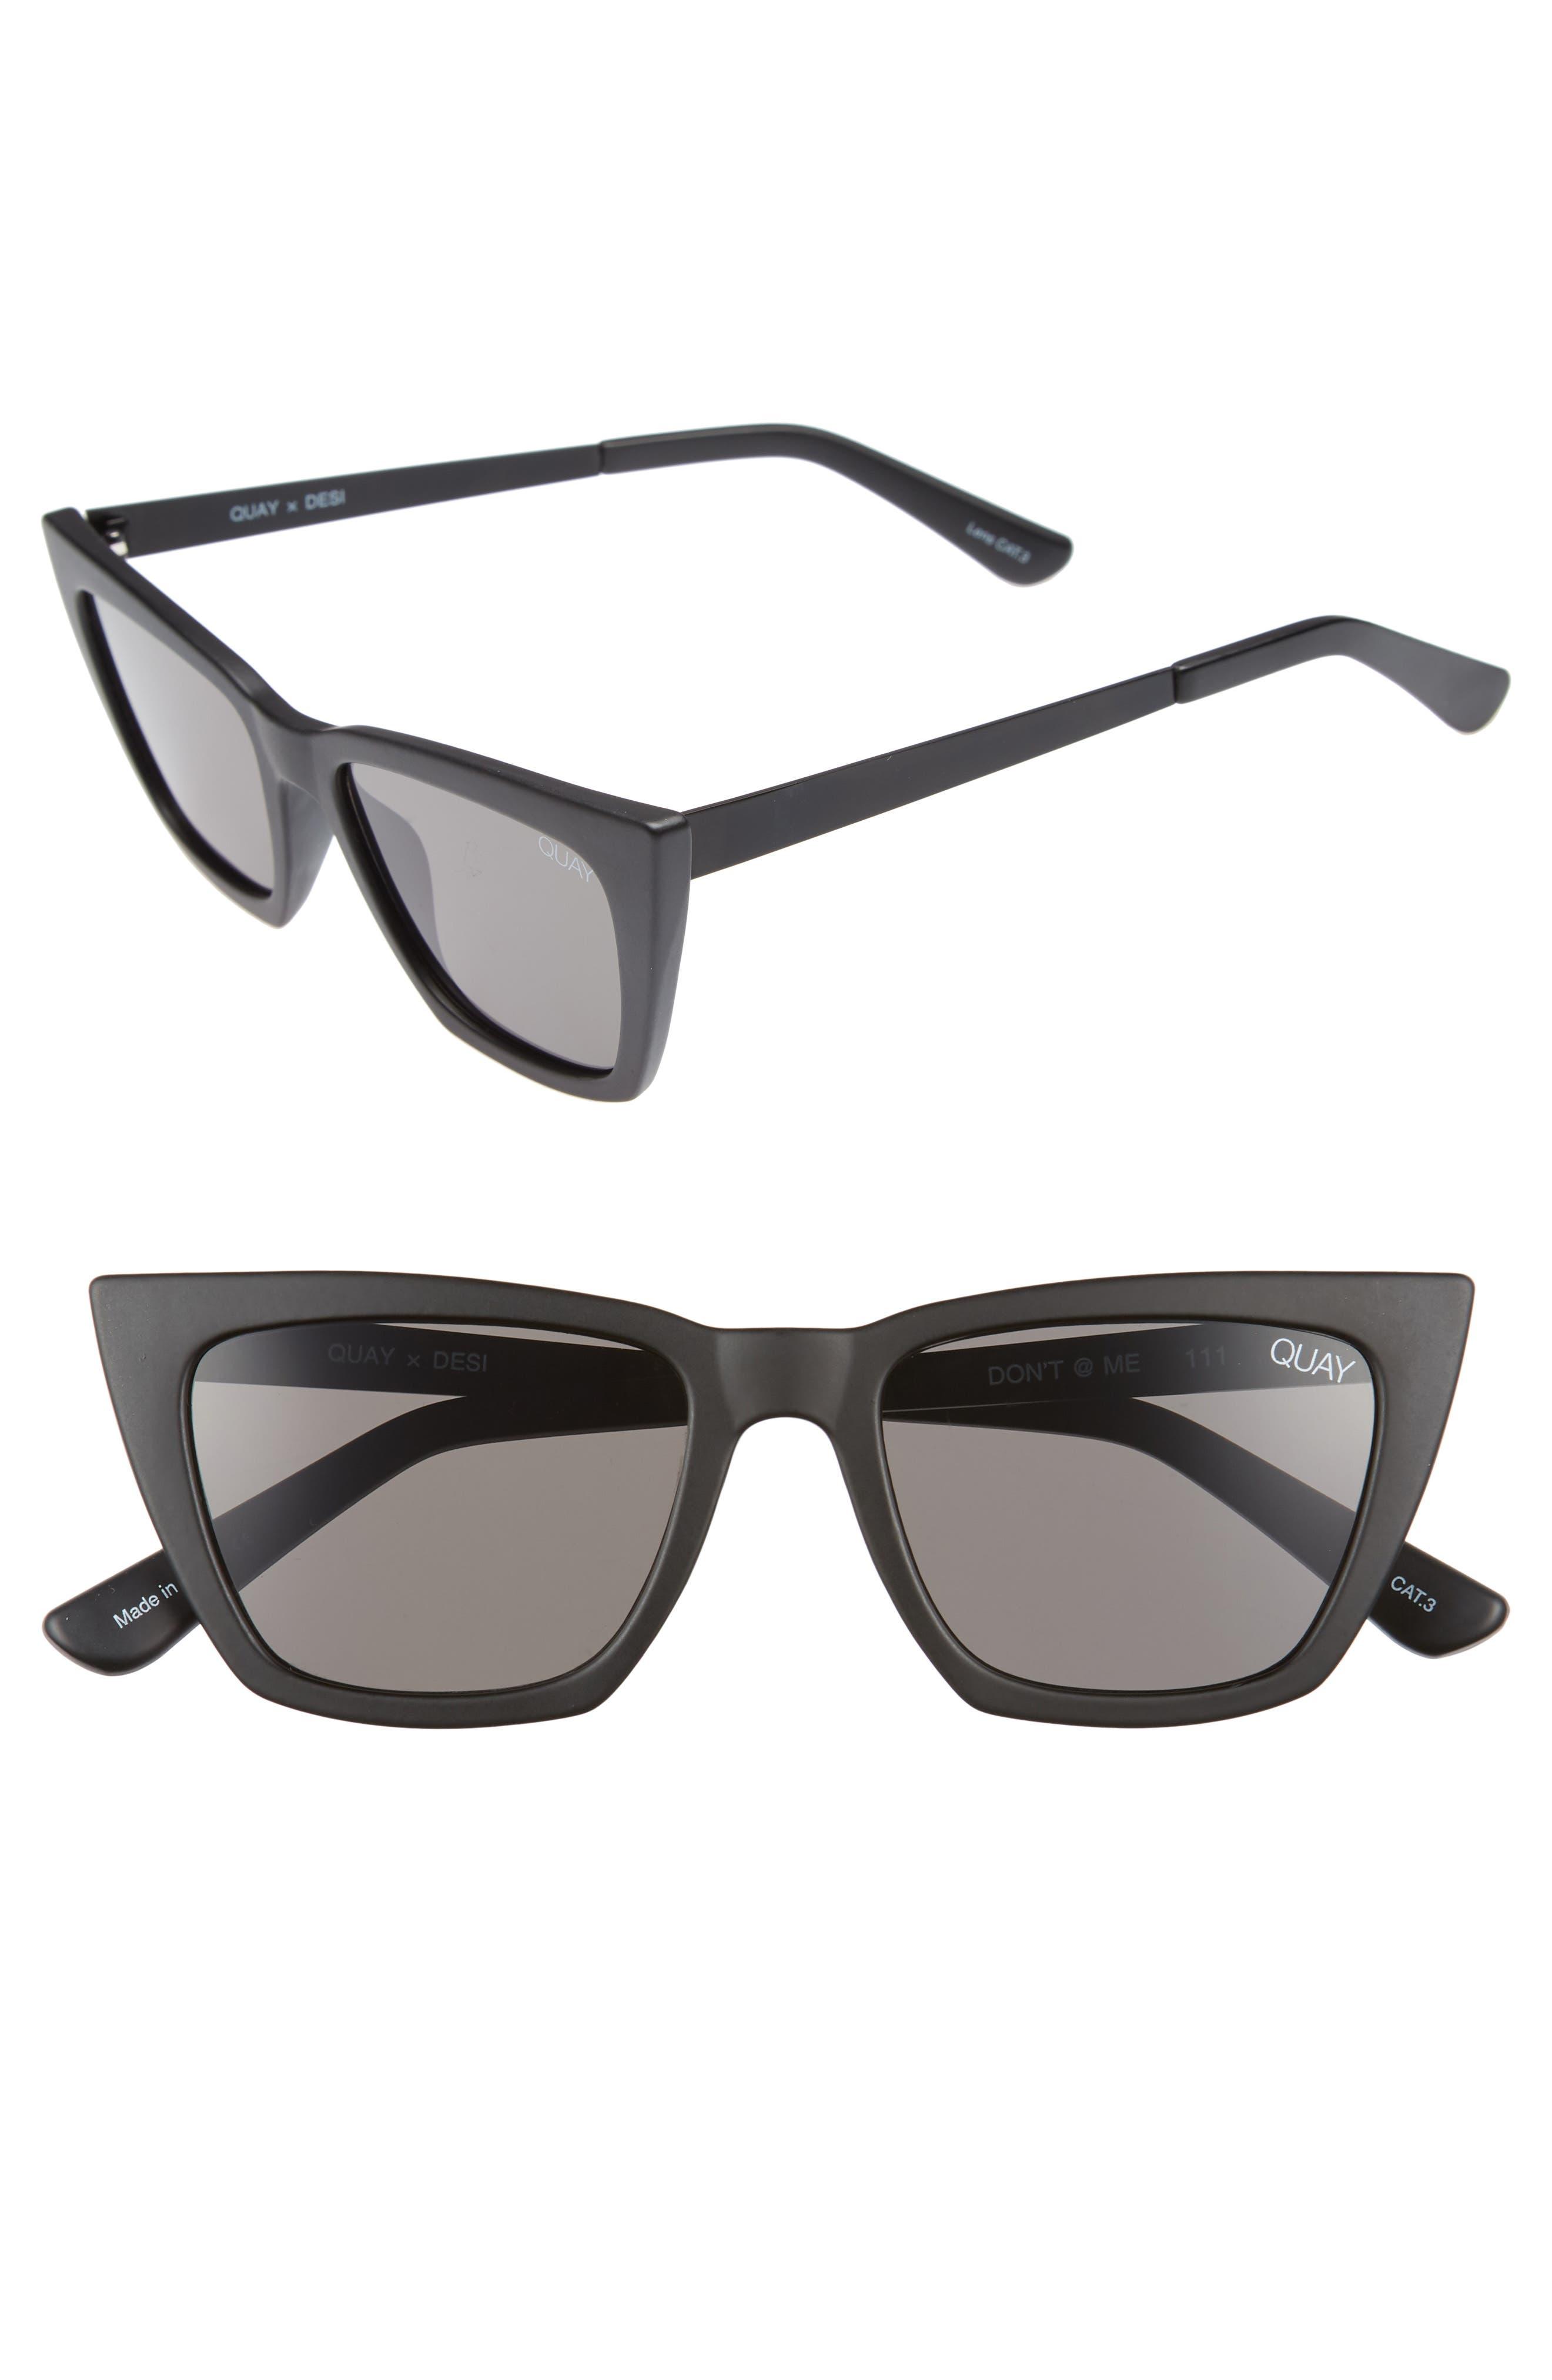 x Desi Perkins Don't @ Me 48mm Cat Eye Sunglasses,                             Main thumbnail 1, color,                             BLACK/ SMOKE